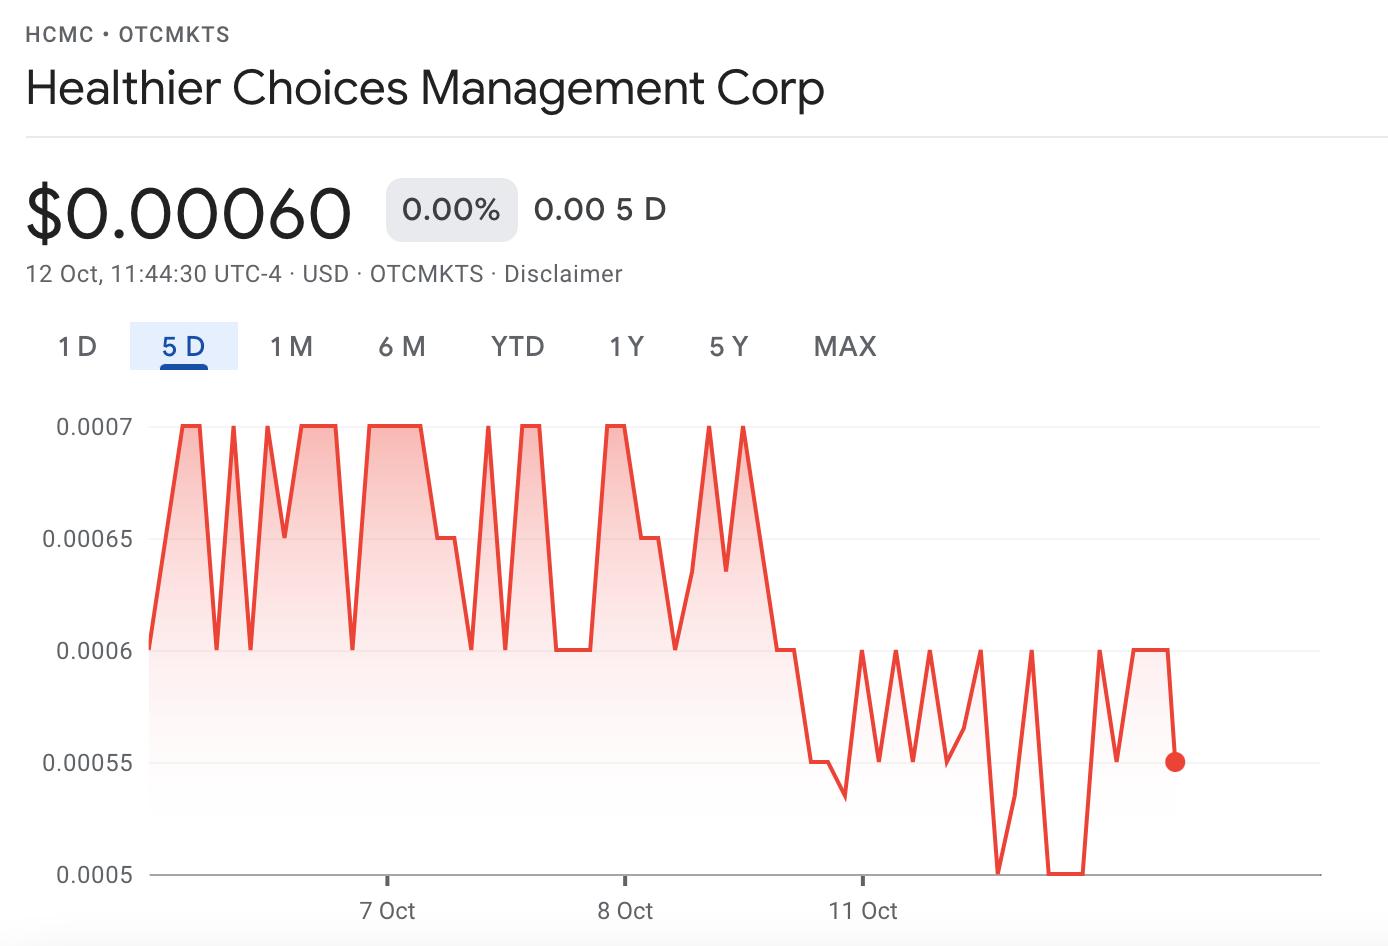 HCMC stock price